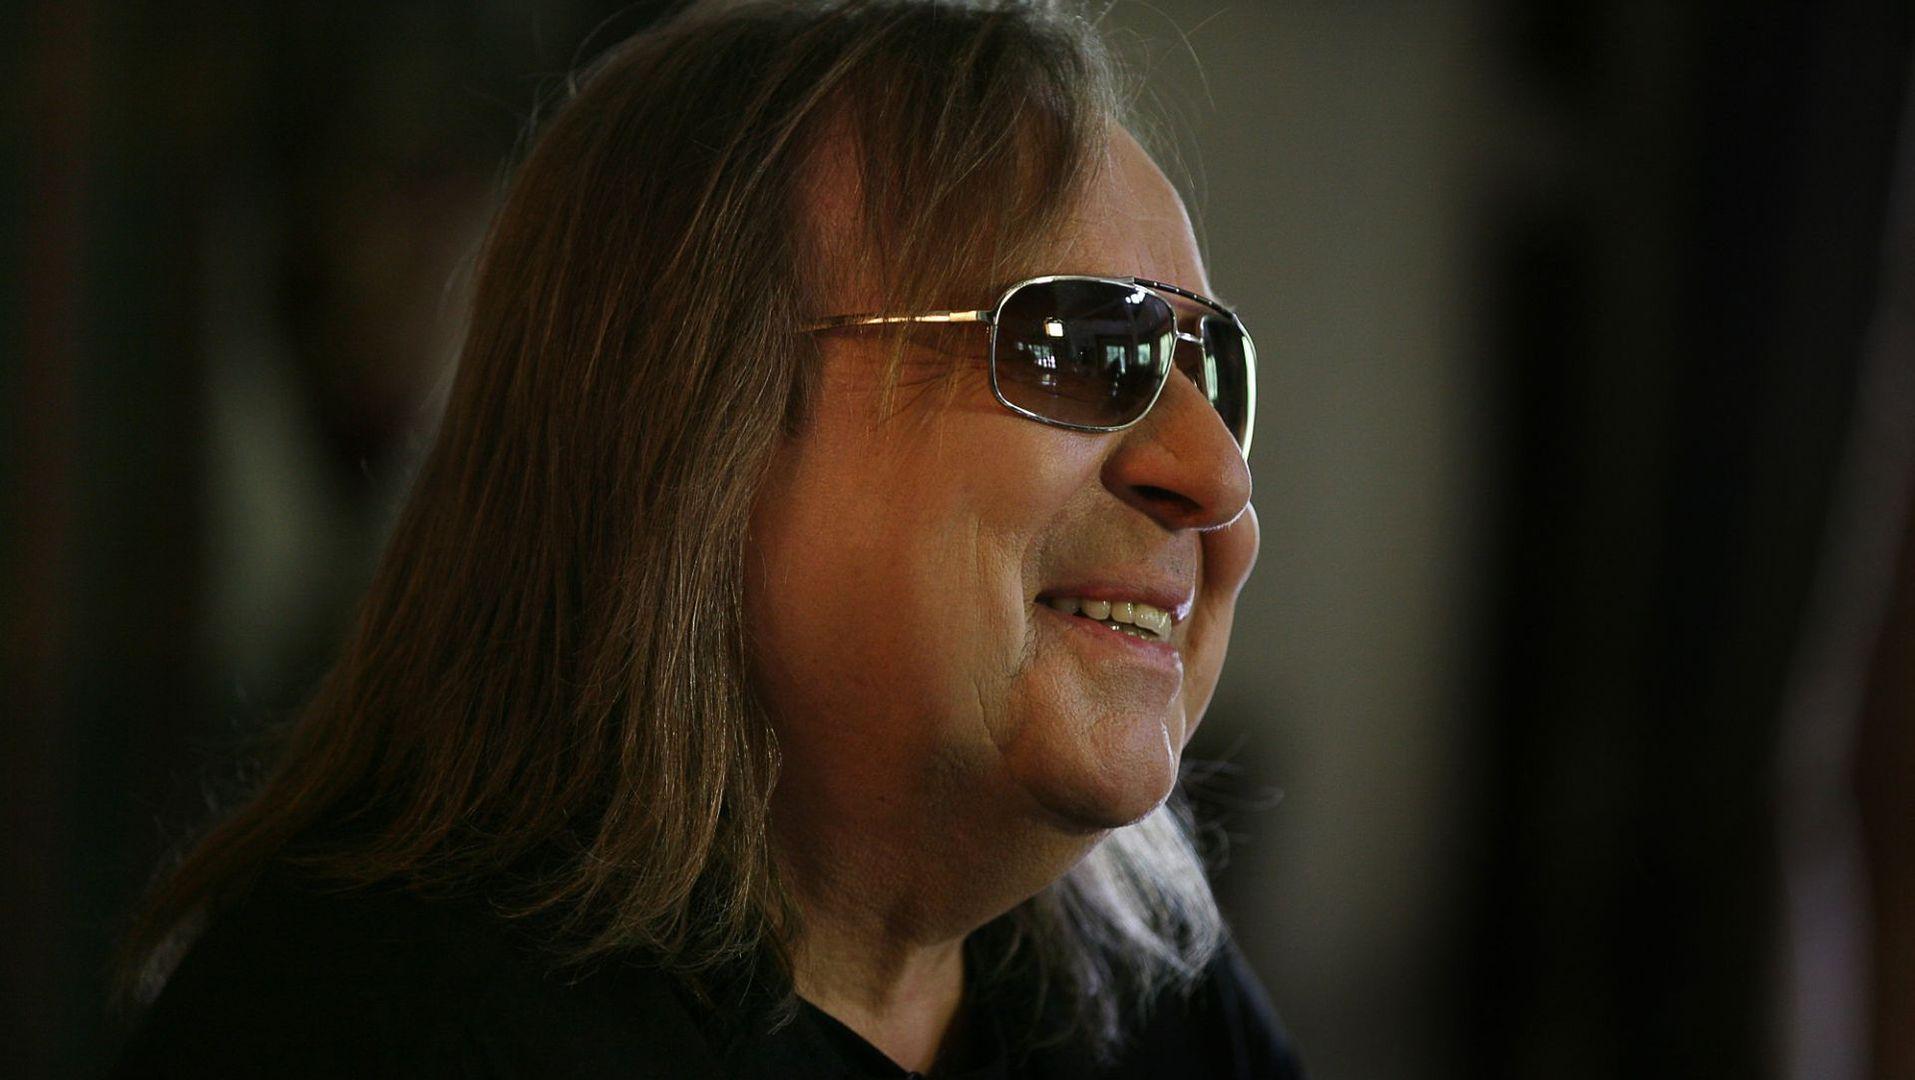 Romuald Lipko. Cierpiał na raka, ale gdy grał koncerty, mniej go bolało...